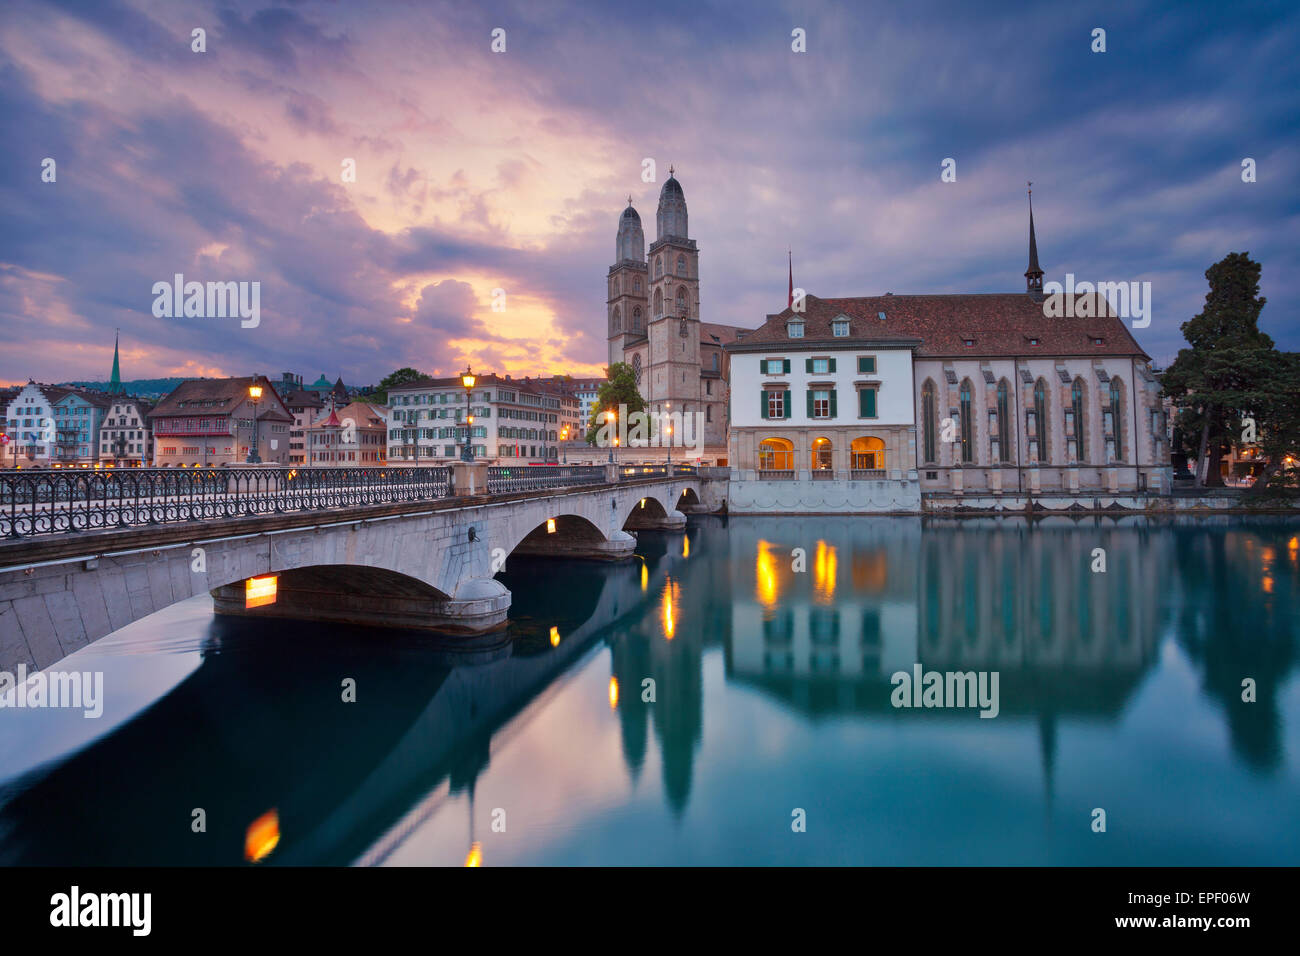 Zurigo. Immagine di Zurigo durante la drammatica sunrise. Immagini Stock